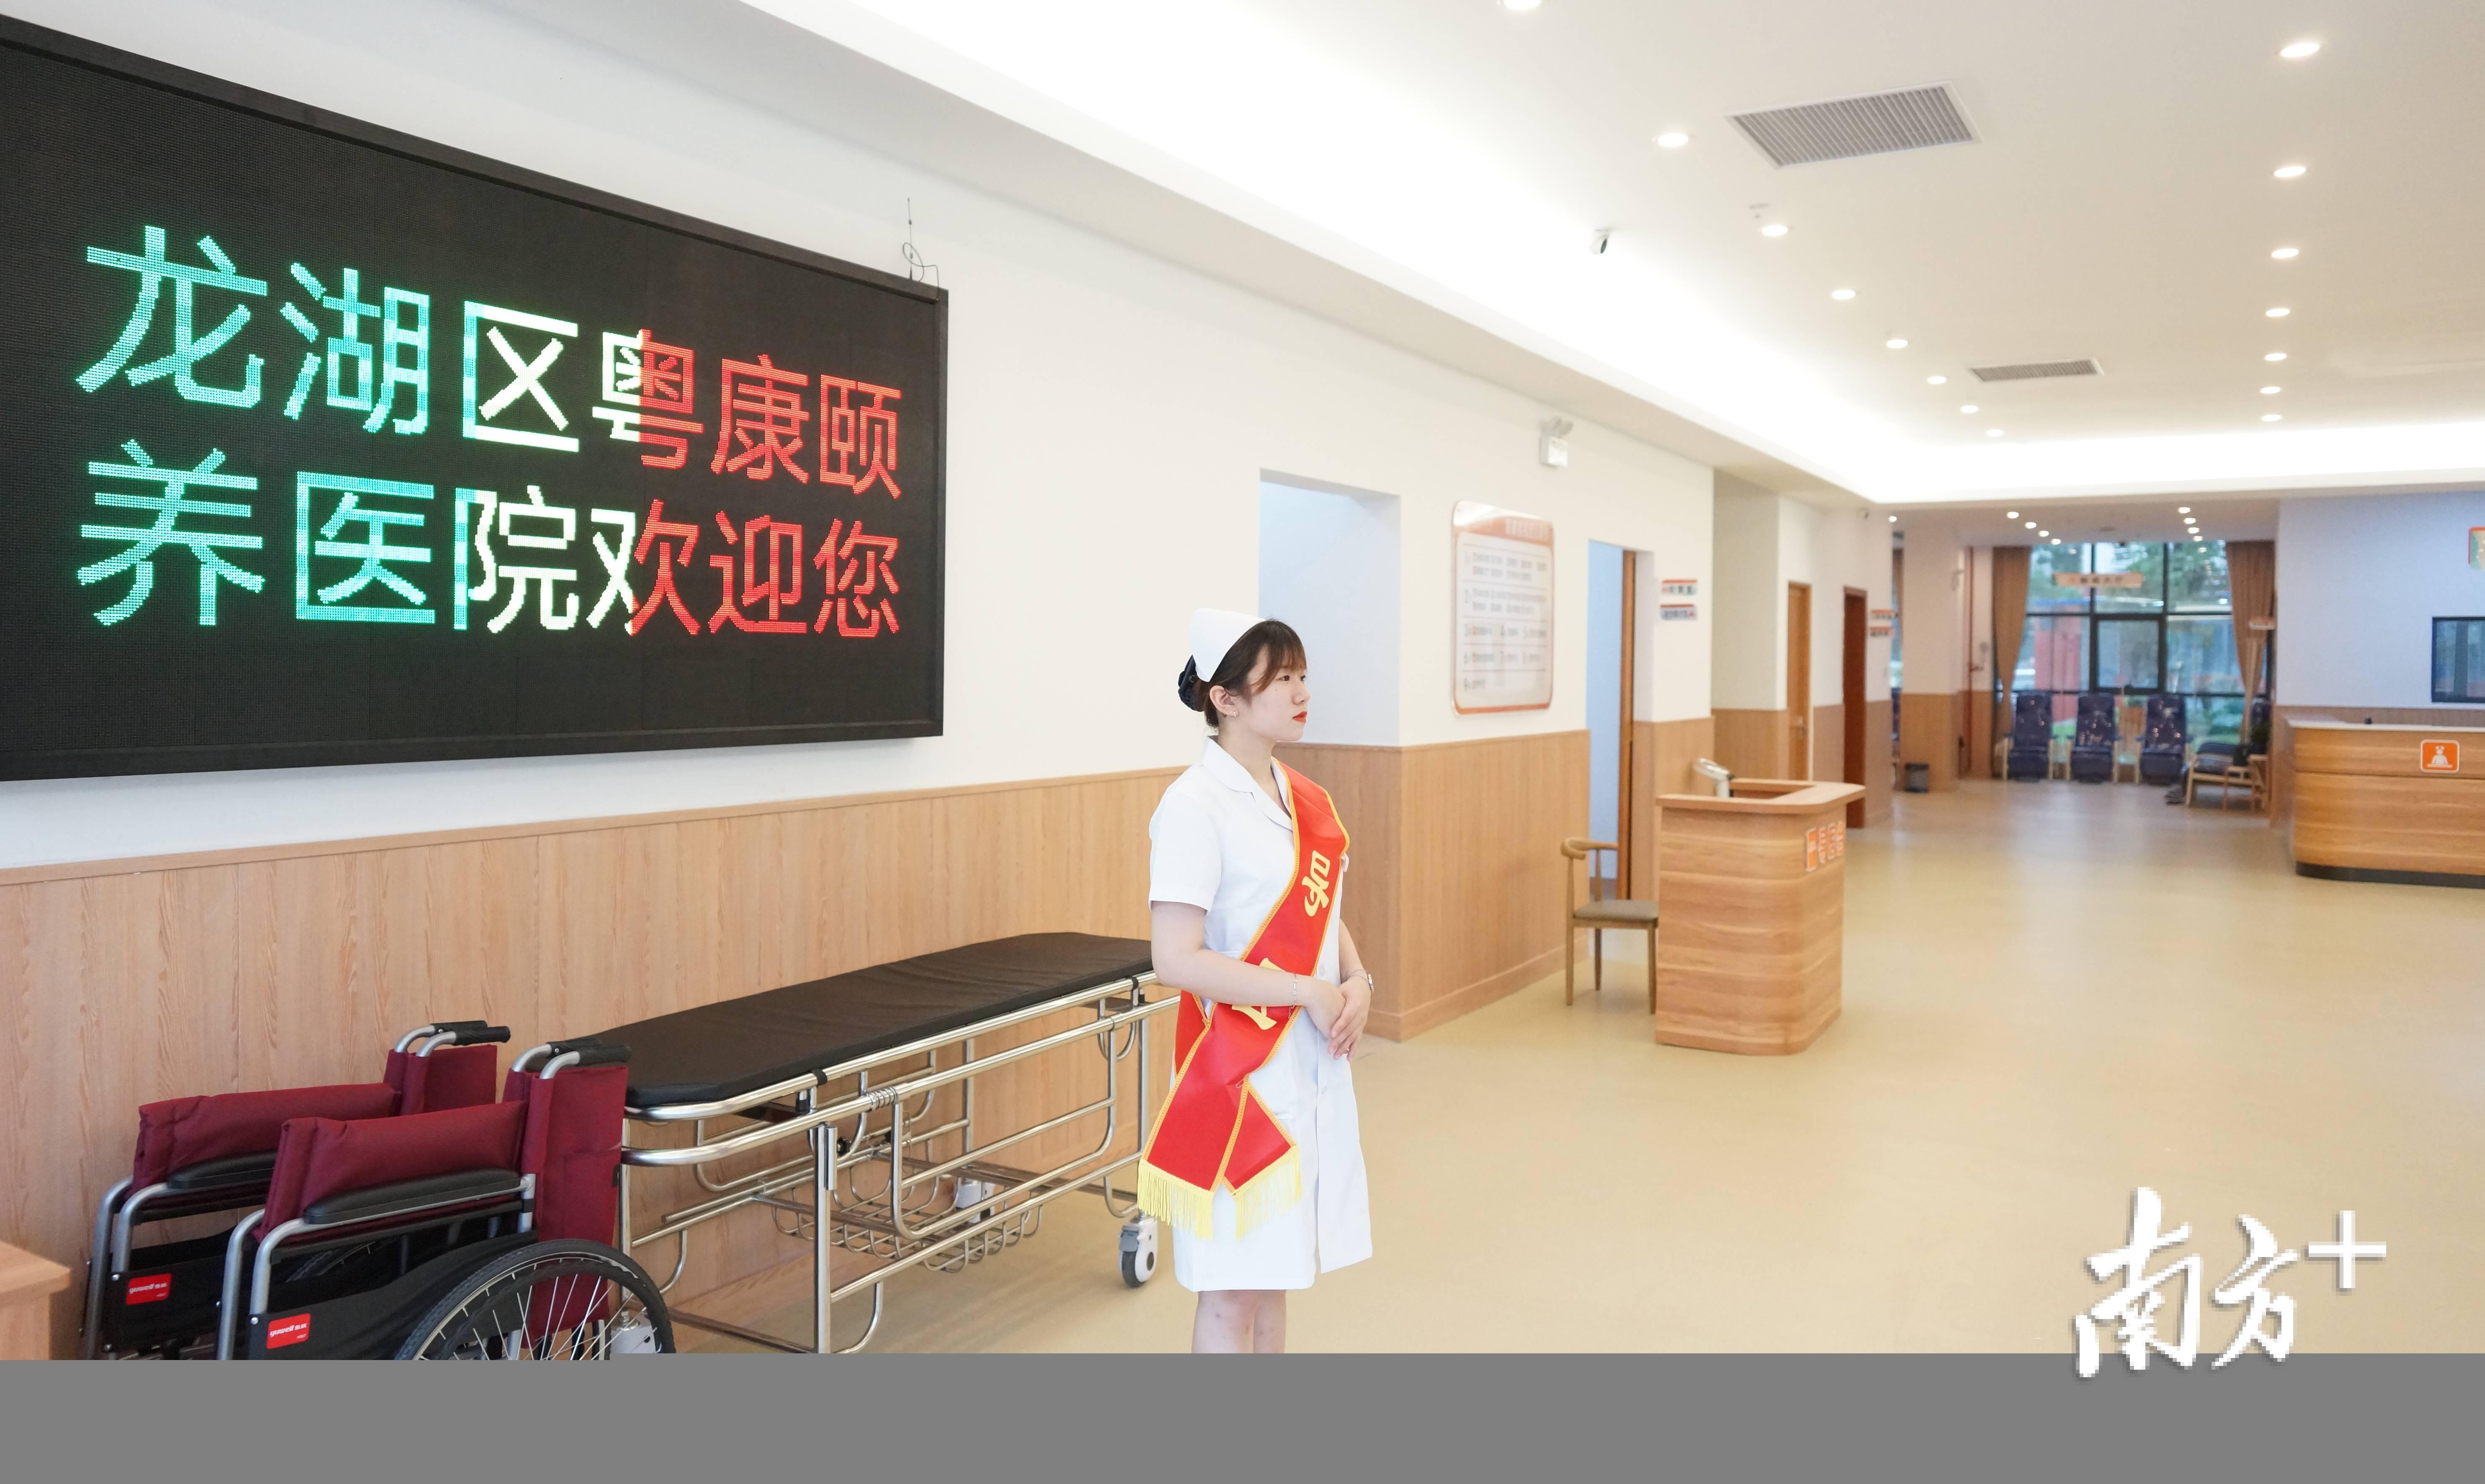 医养结合,也是龙湖区福利院的特色。